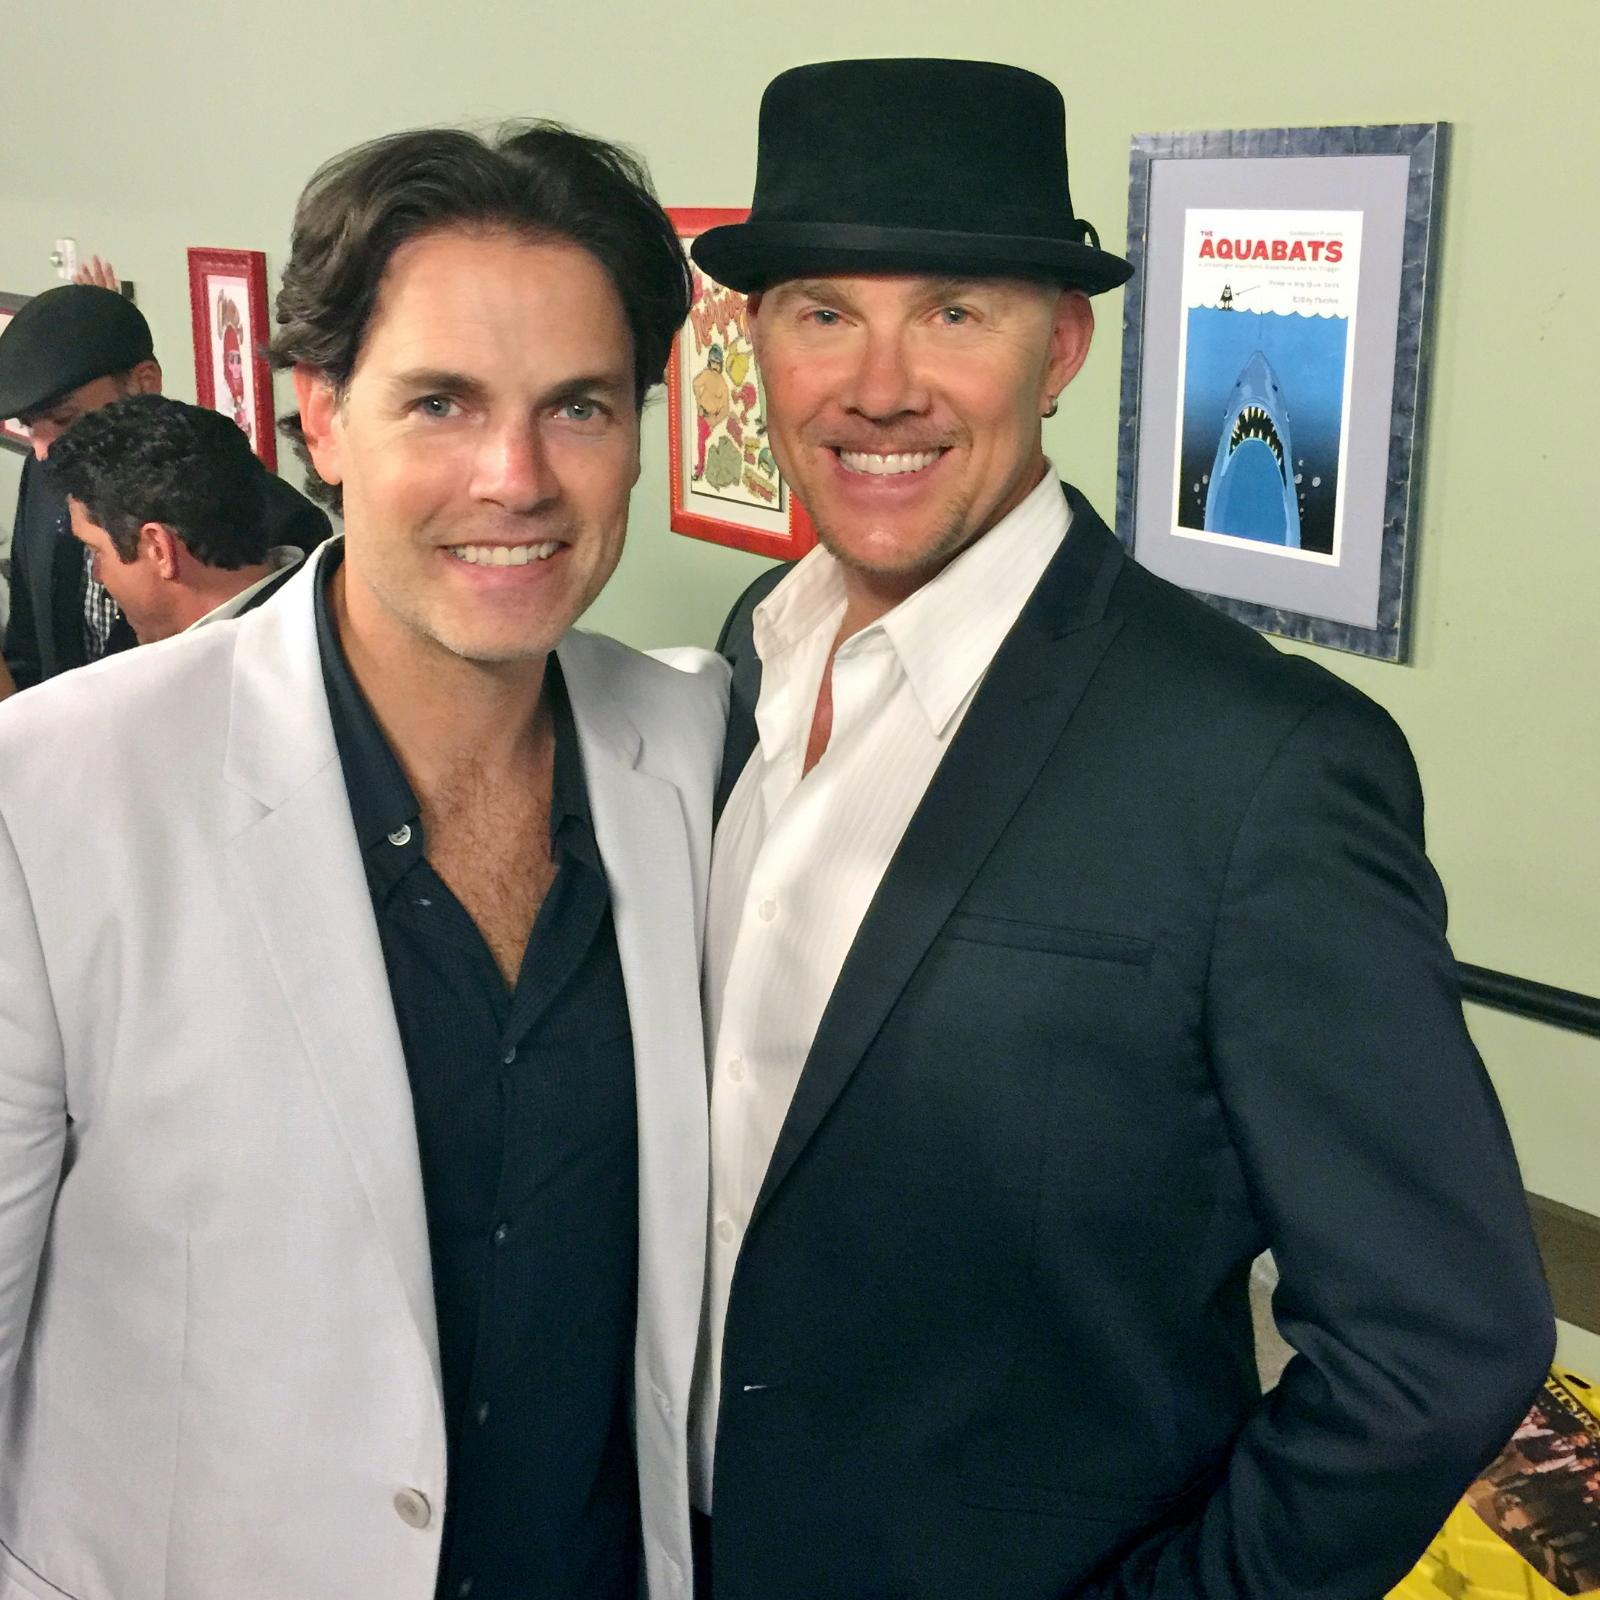 Todd & Jaron Lowenstein